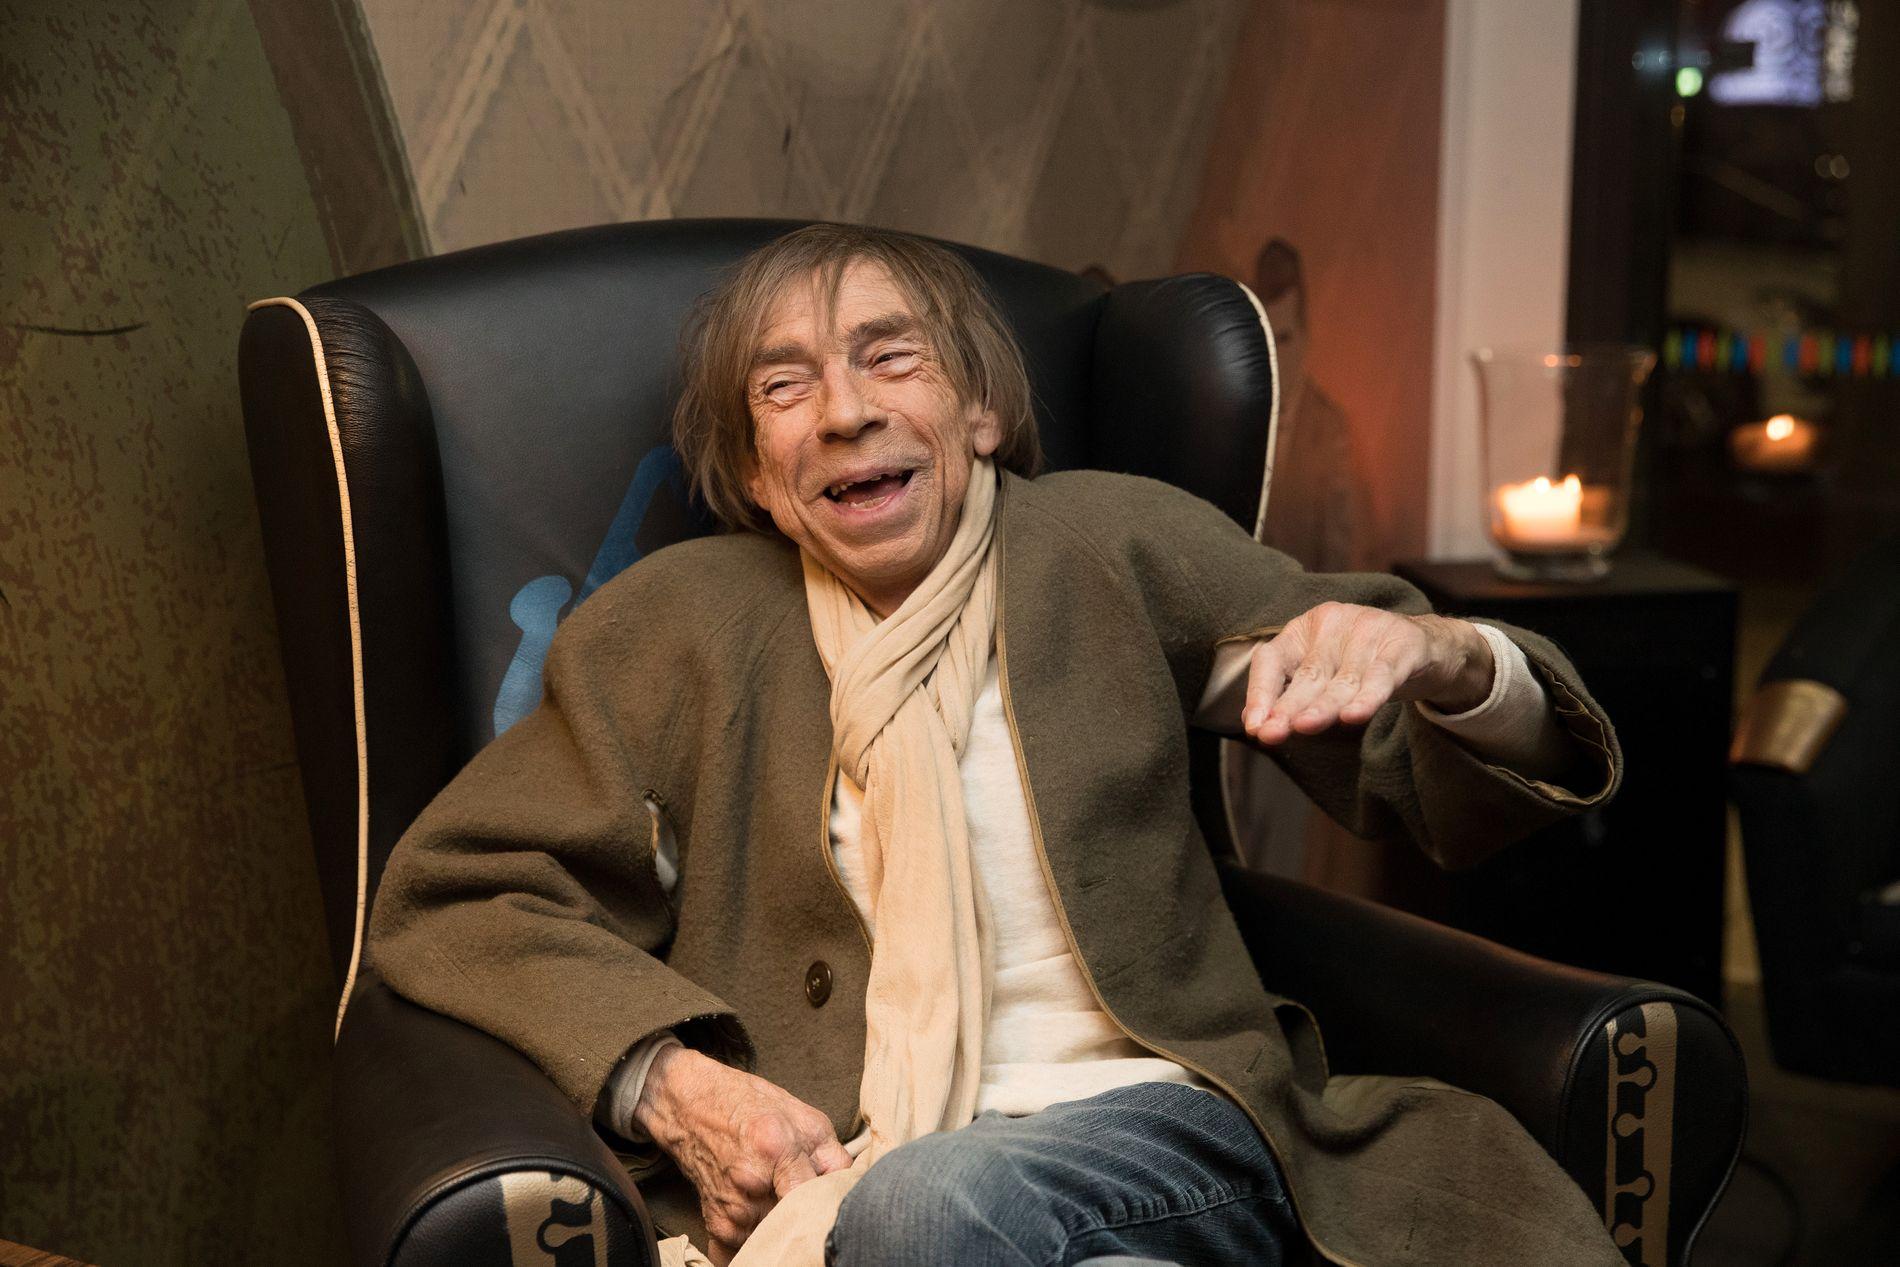 BLIR HYLLET: Med musikalen «Optimist» får Jahn Teigen det som vel kan kalles en fortjent hyllest når han fyller 70.